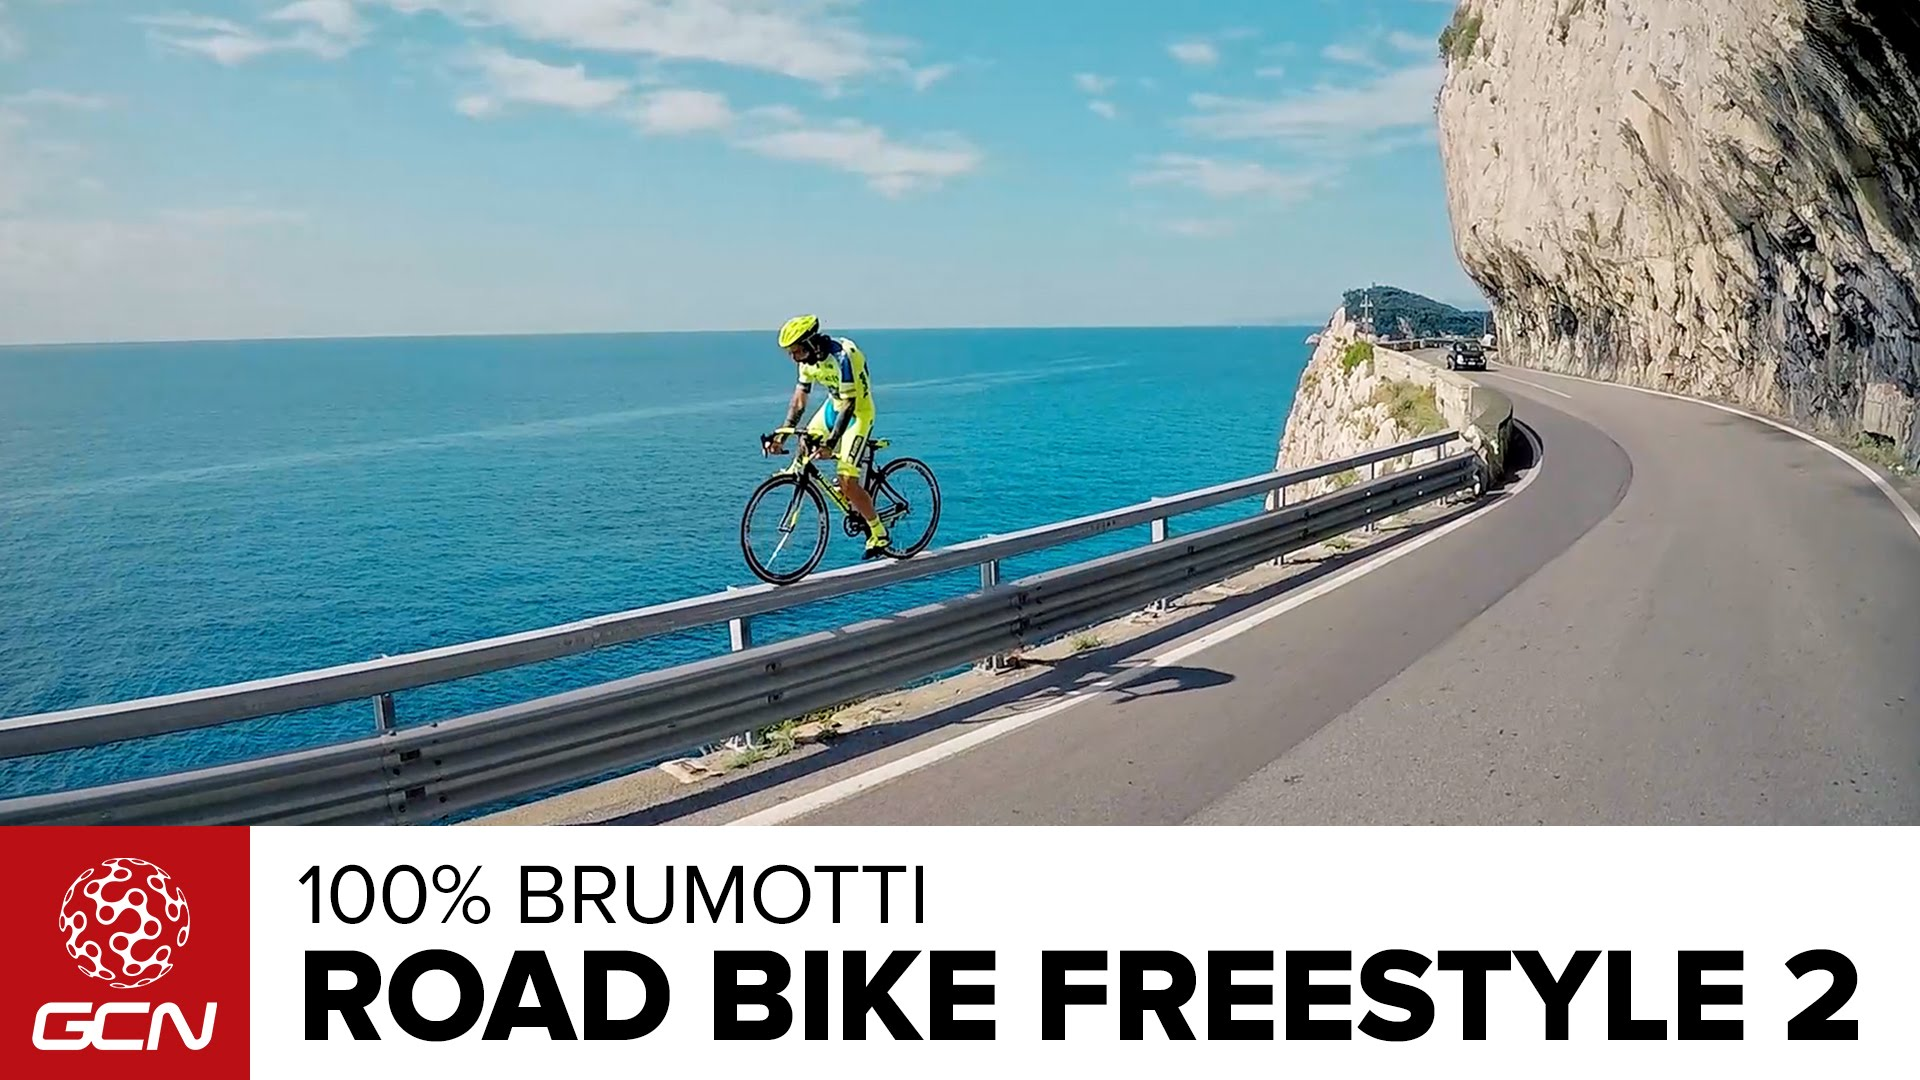 Брумоти – Возење велосипед во слободен стил!